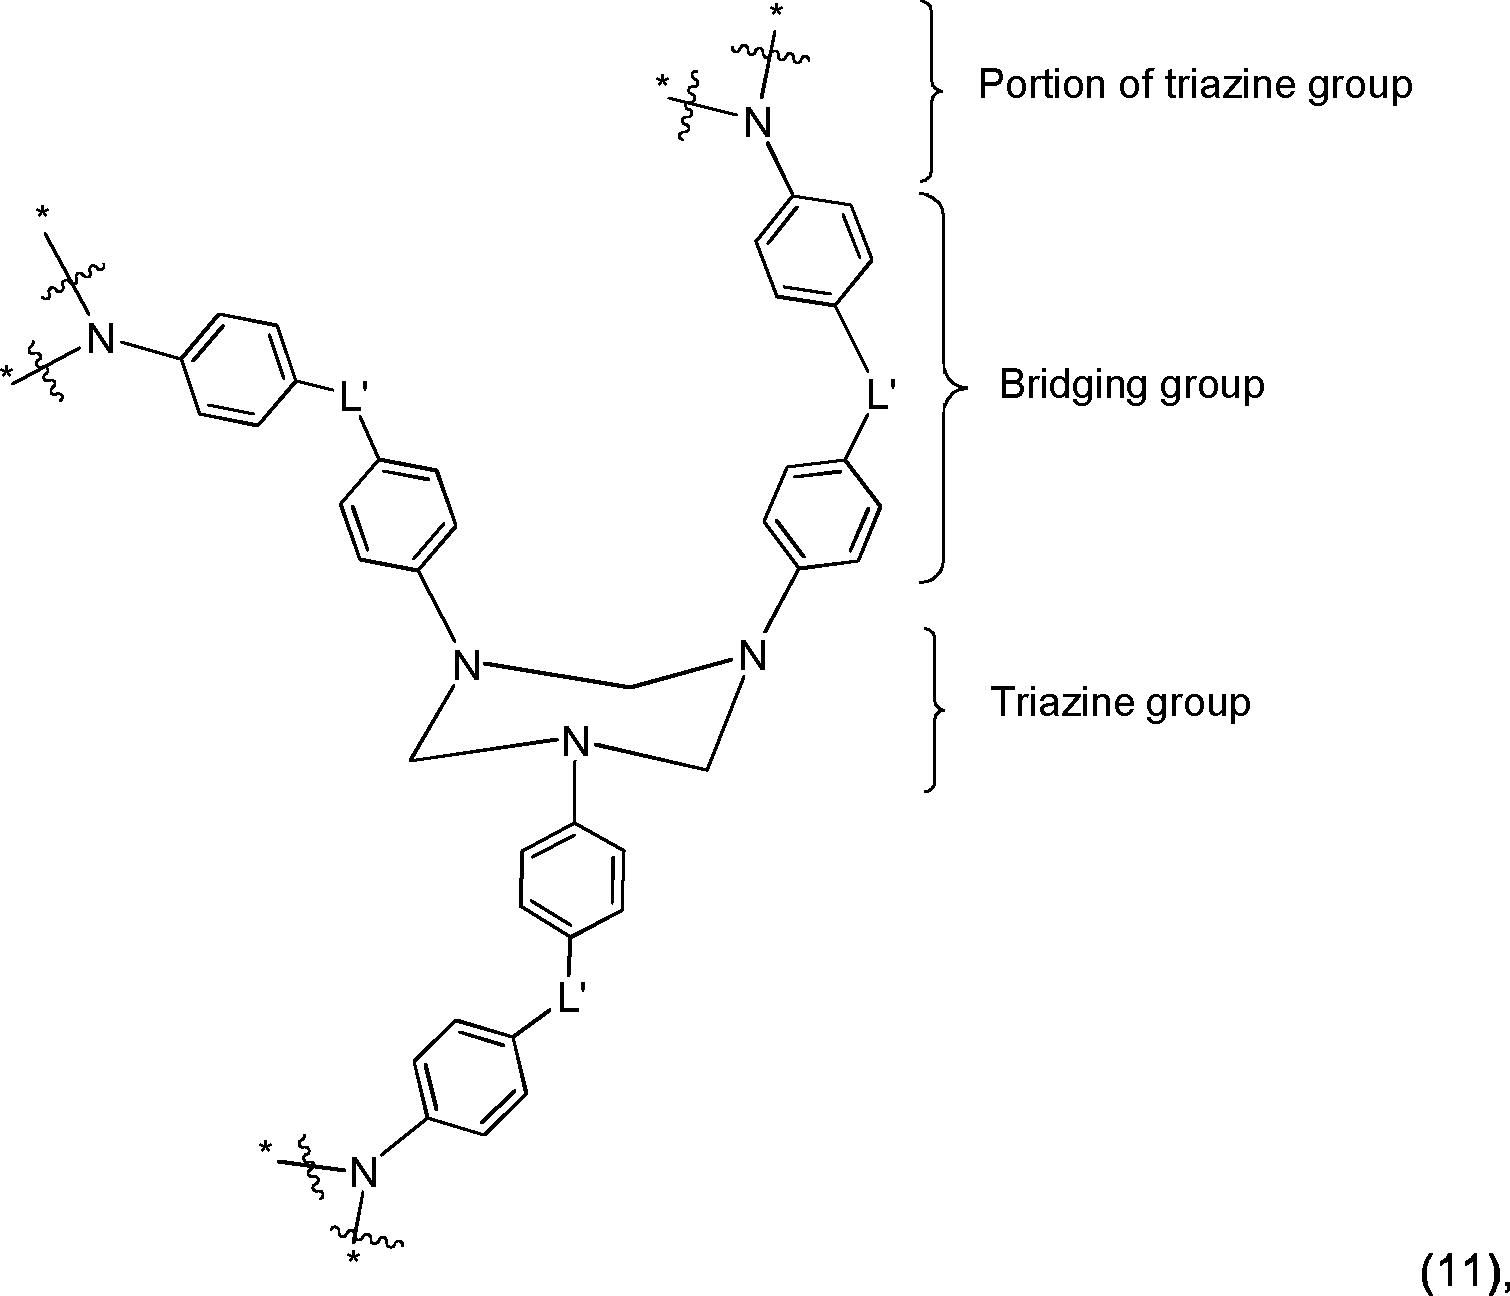 Figure DE112014004152T5_0018